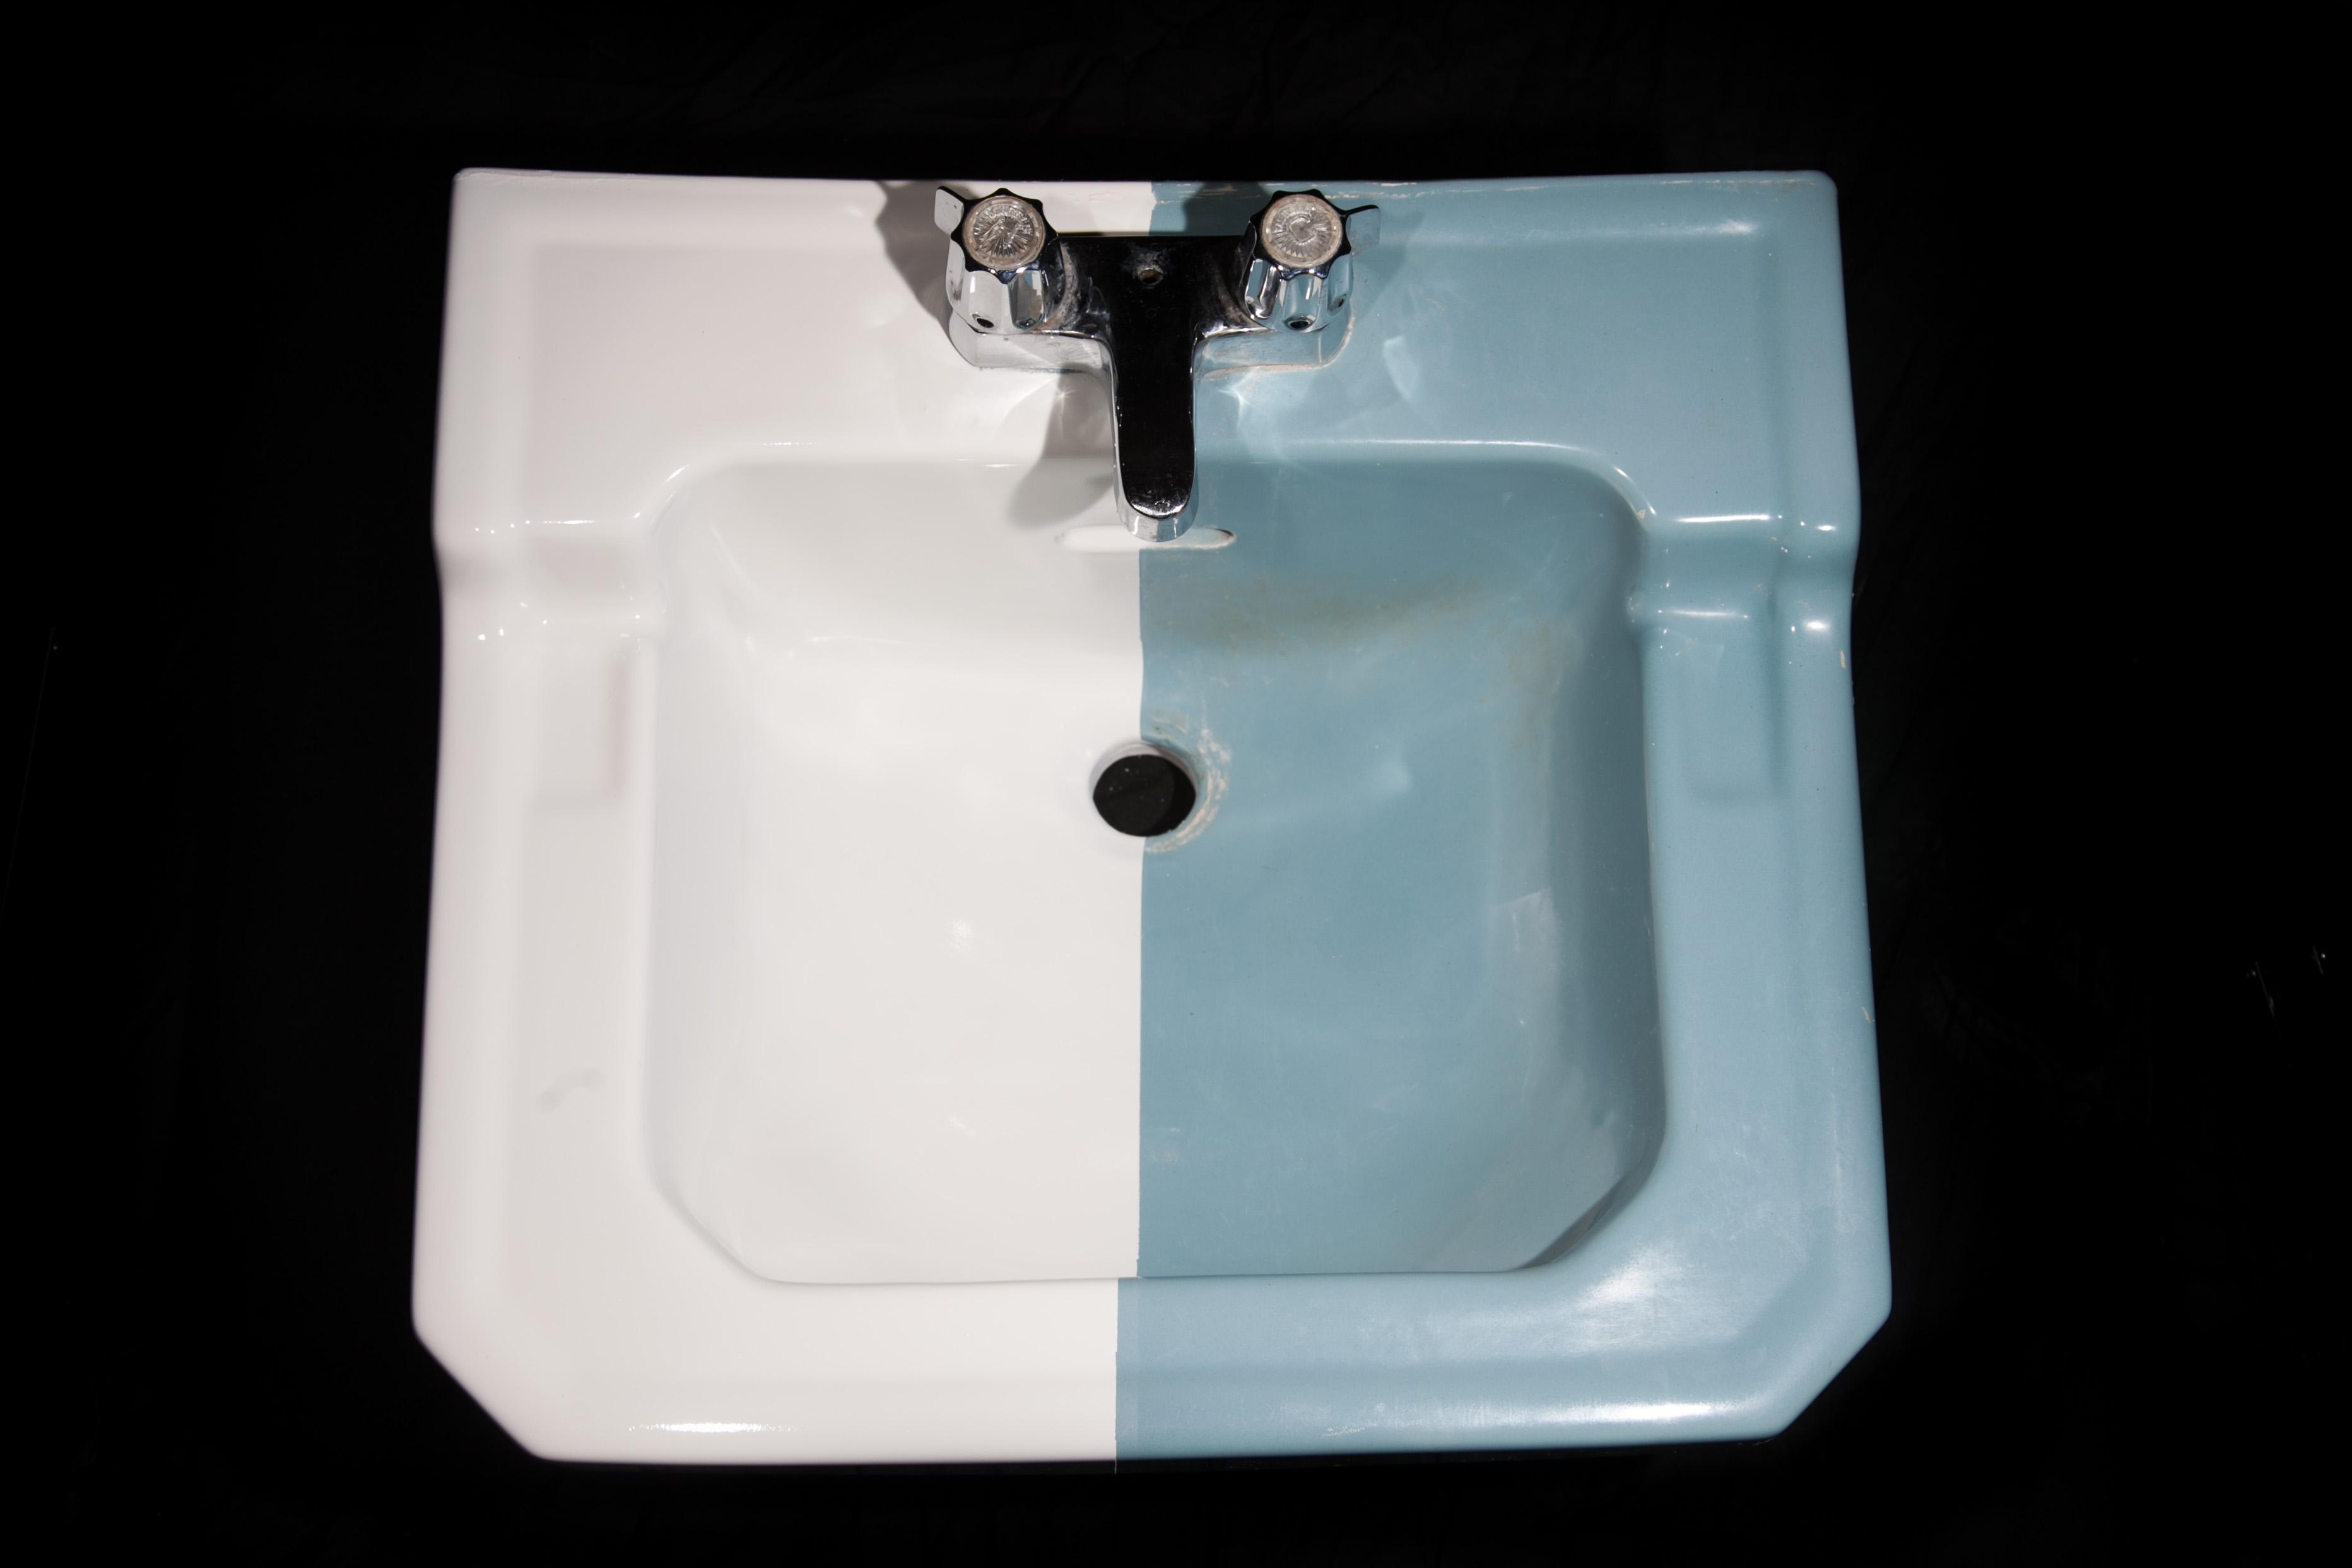 Tub & Tile Refinishing | Tub & Tile Portfolio | Whitehouse